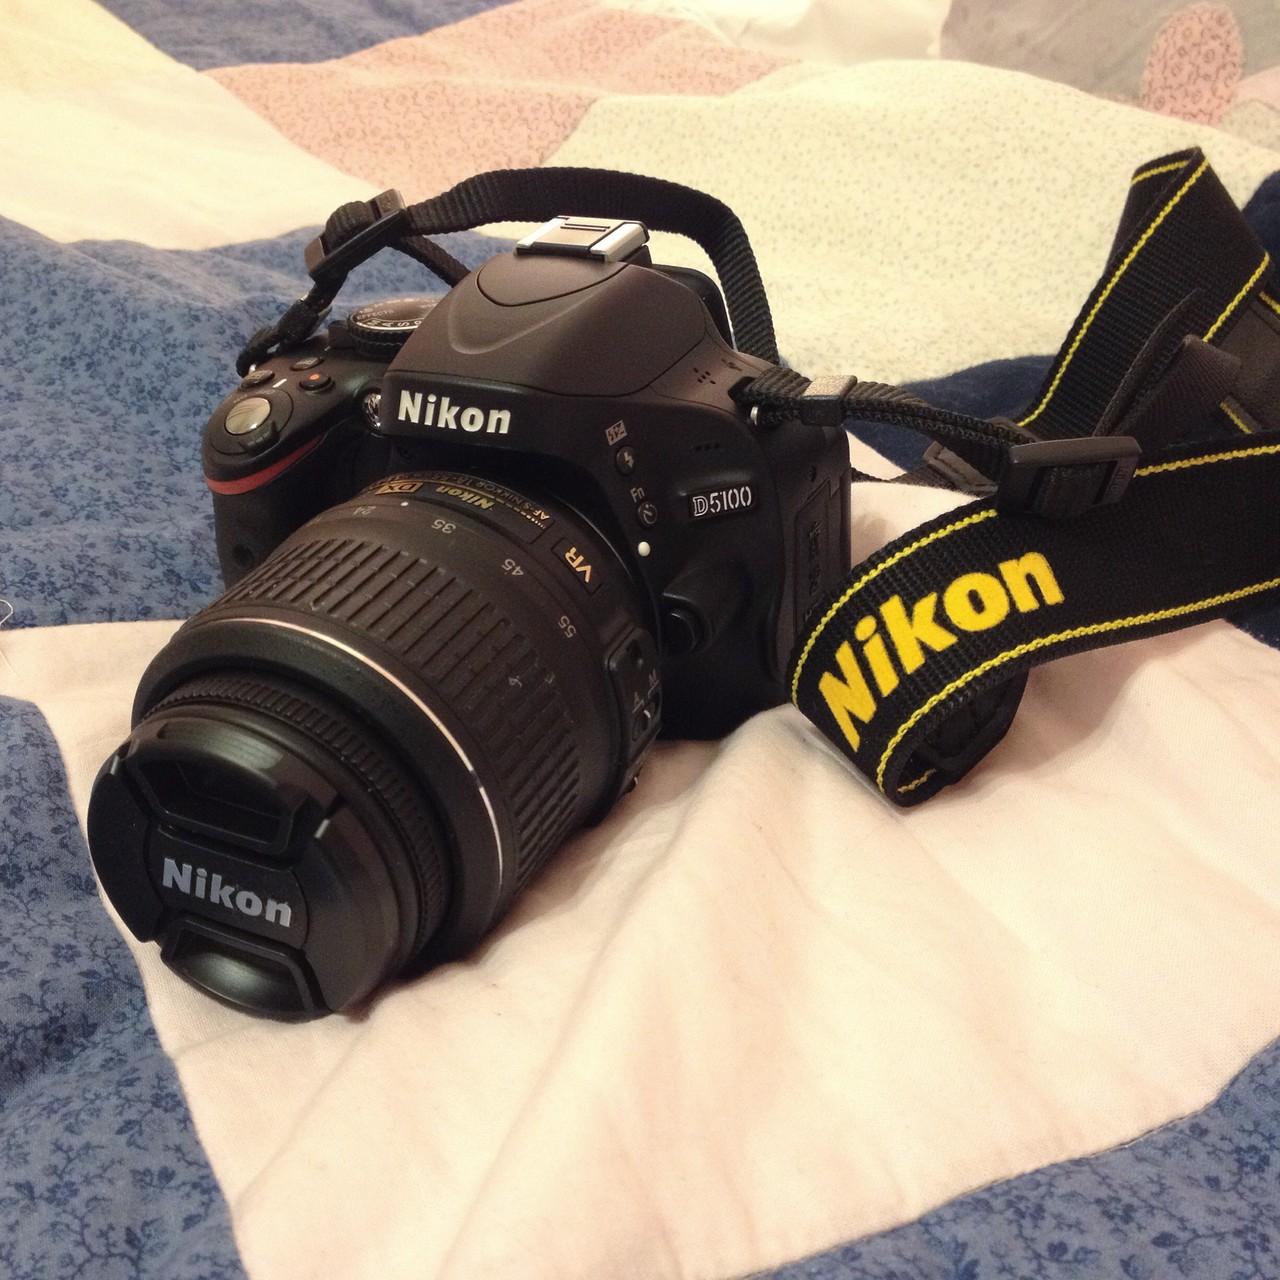 ...mit meiner neuen Kamera Nikon D5100!!